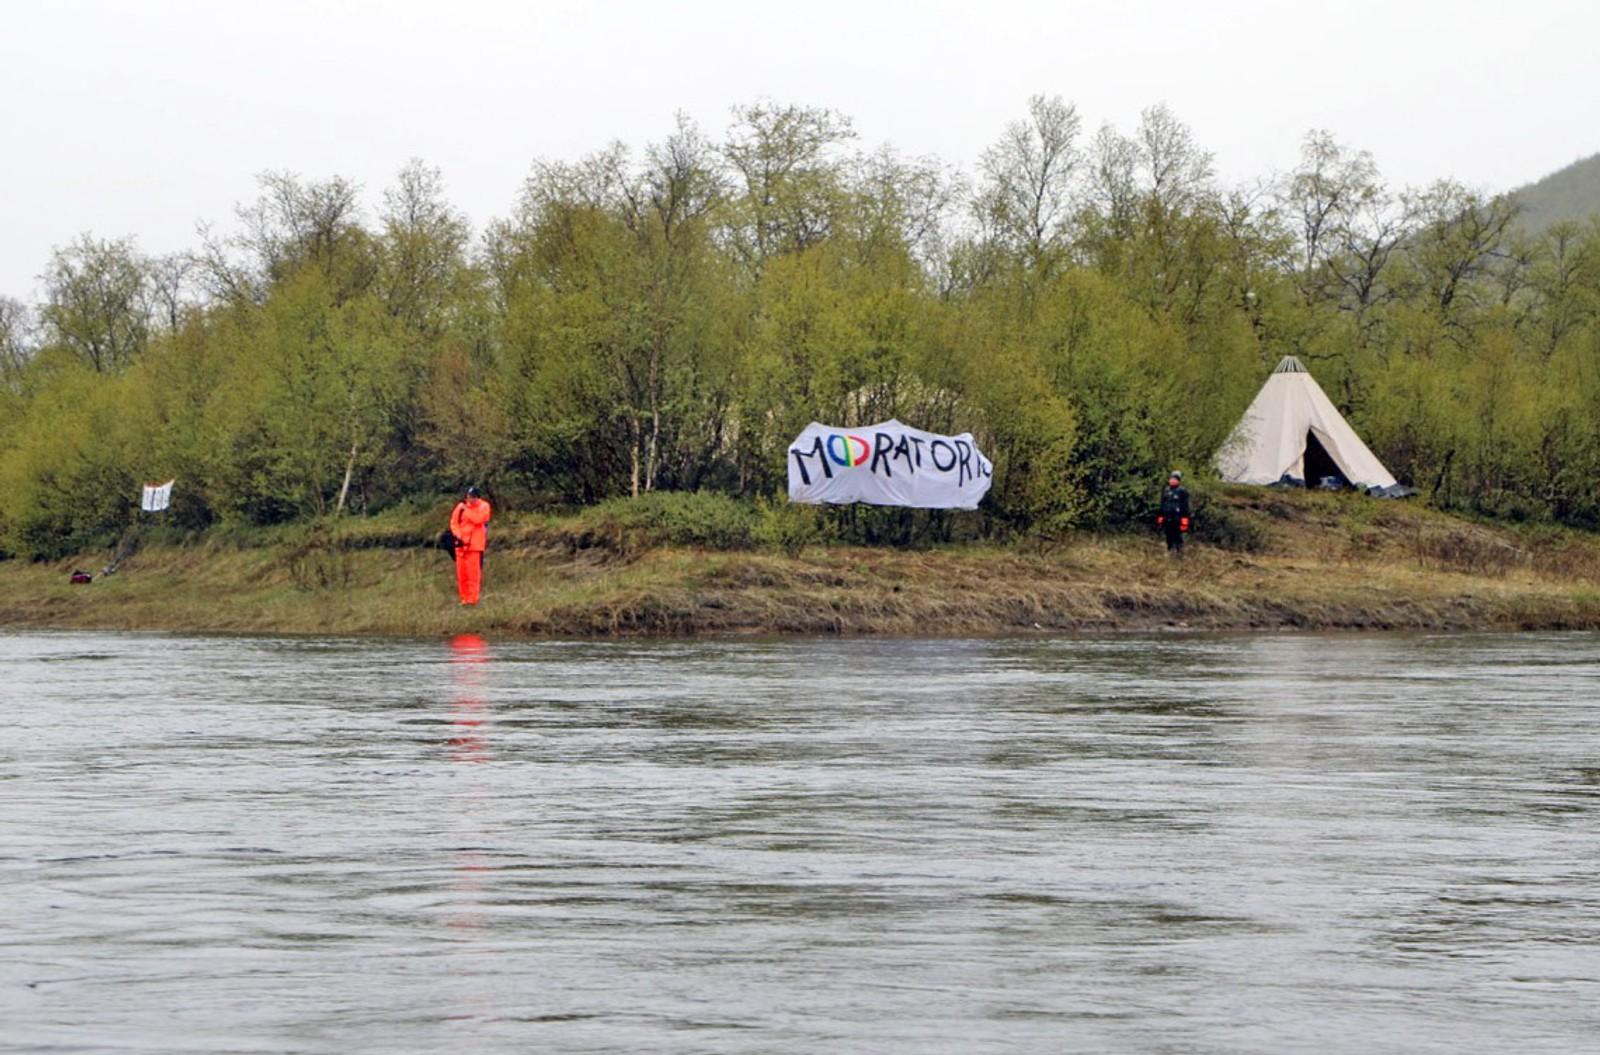 Protestleiren sett fra båt på Tanaelva.